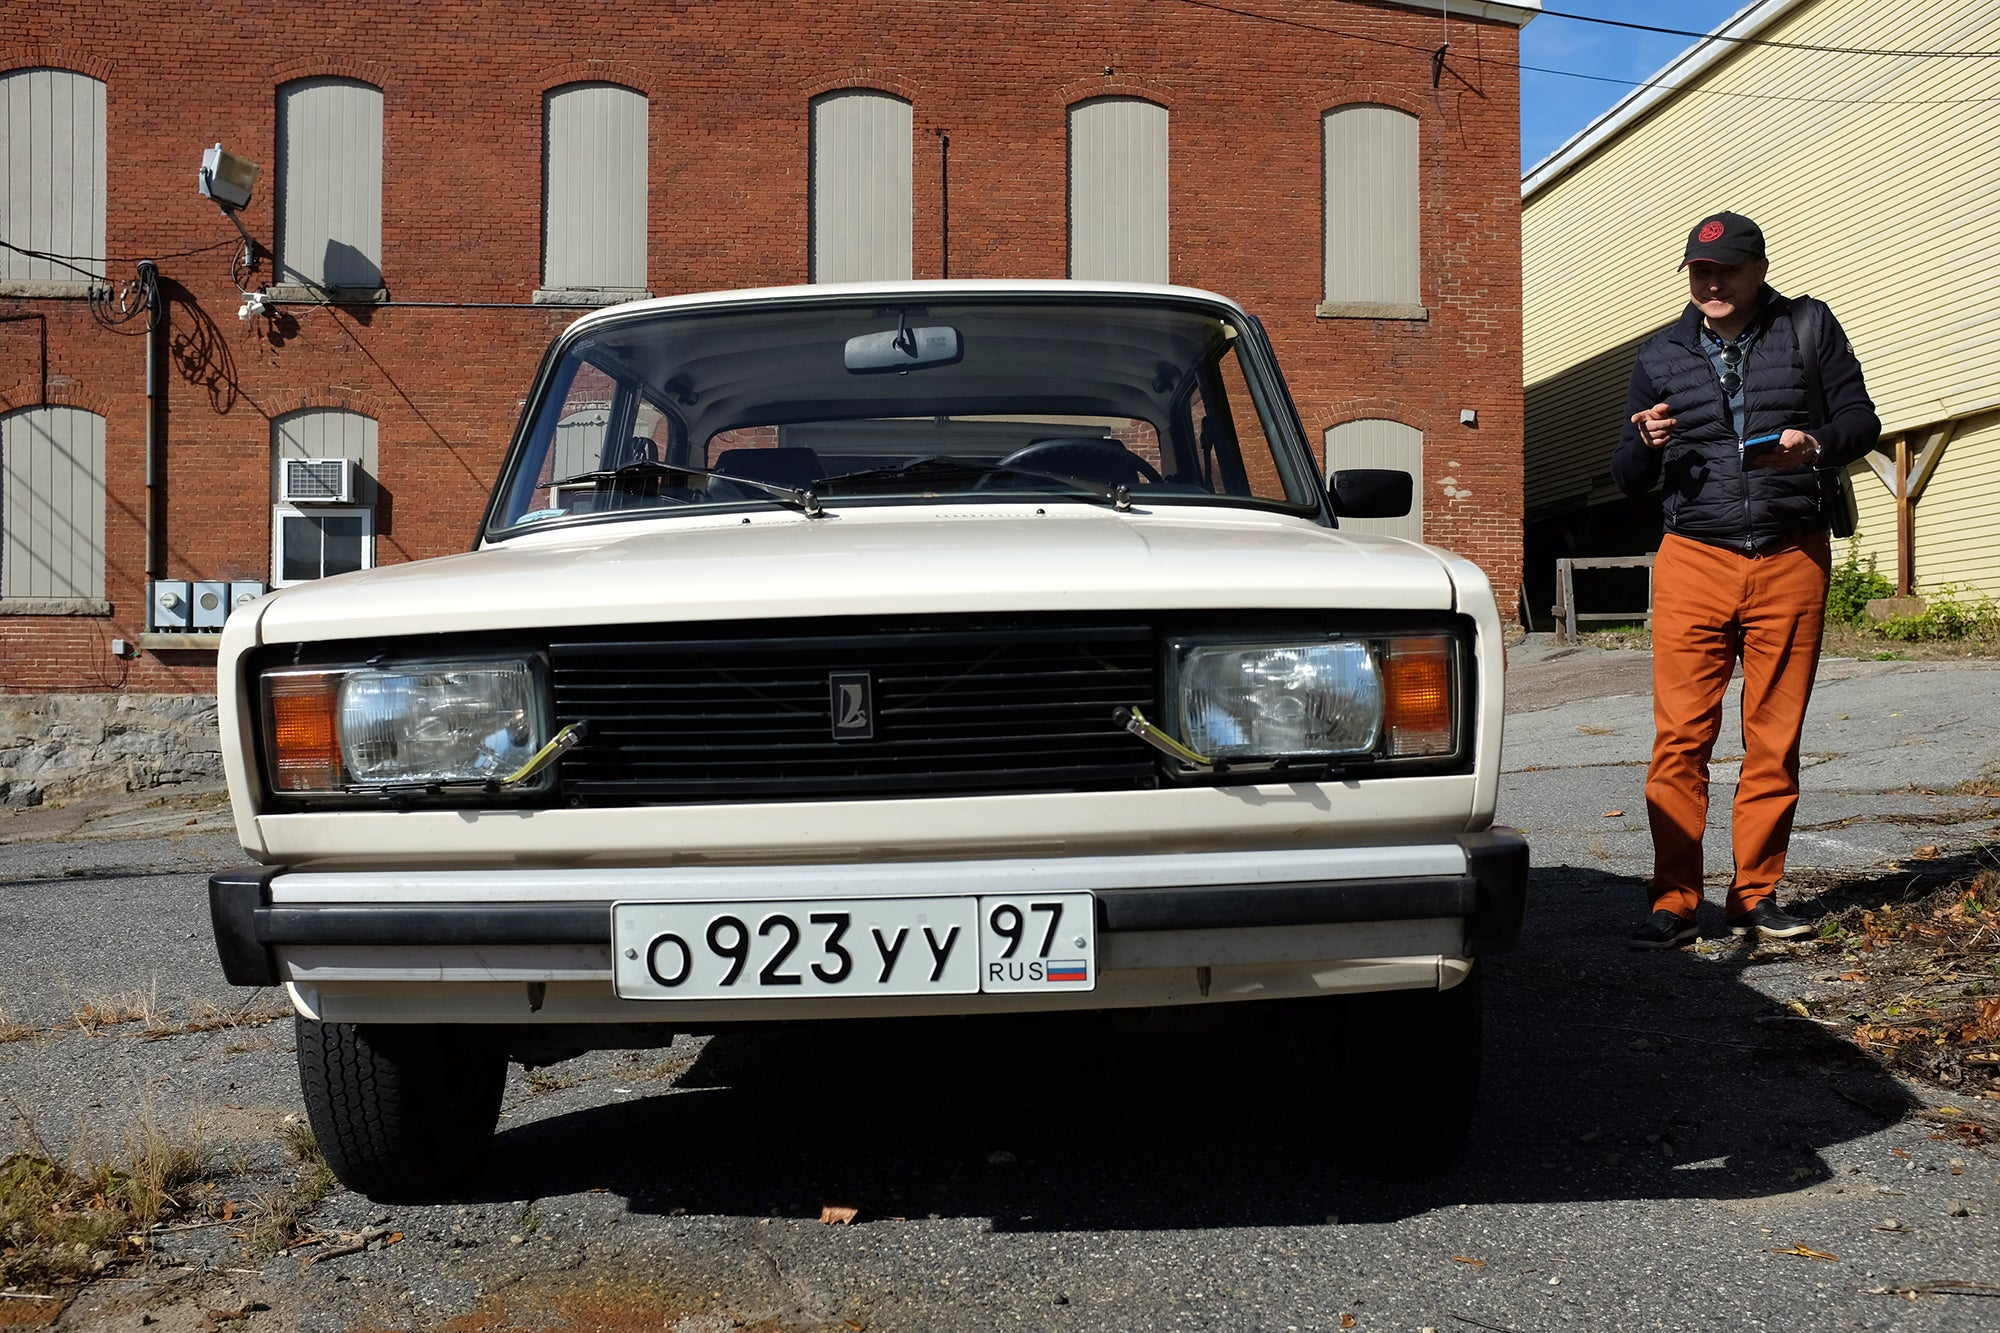 1991 Lada VAZ 2105